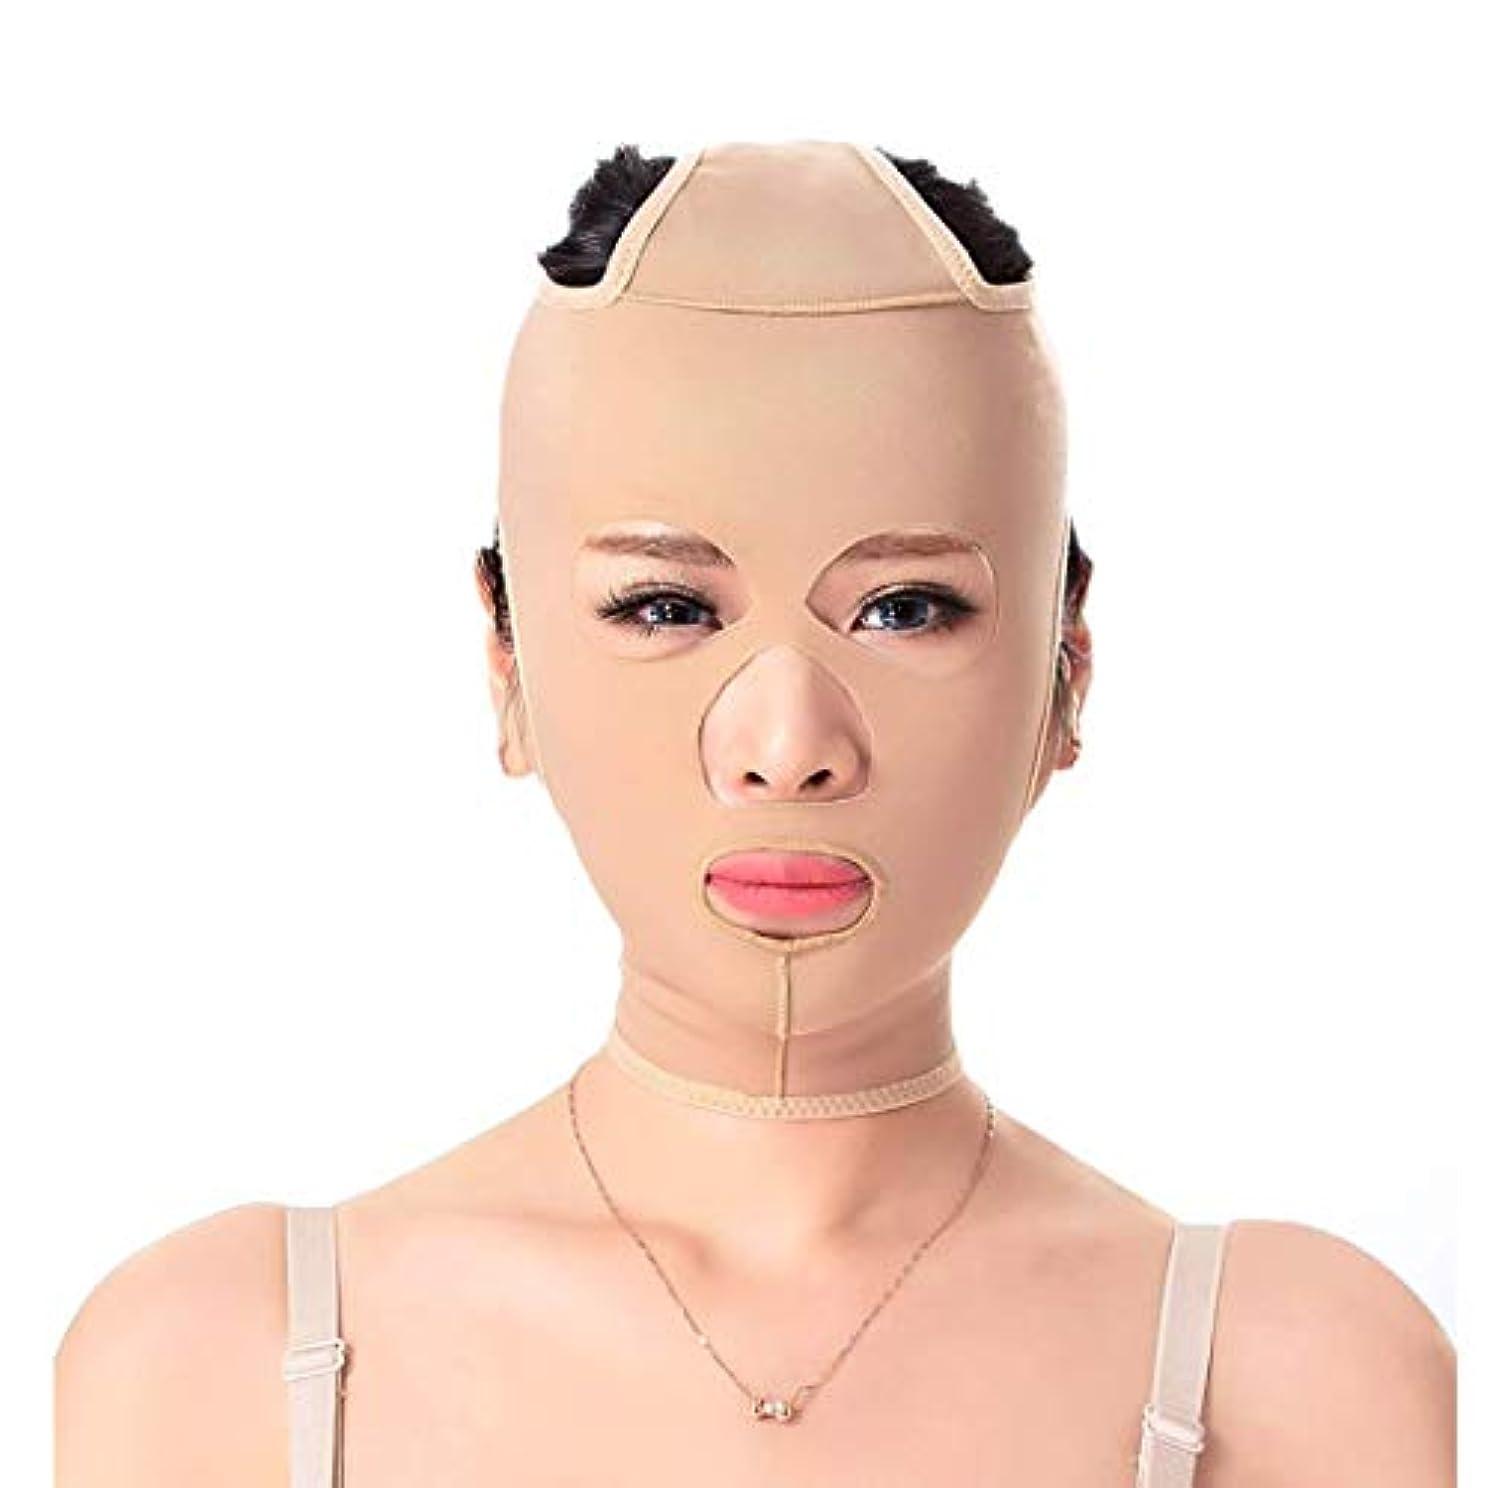 感じ子羊被るスリミングベルト、二重あごの引き締め顔面プラスチック顔アーティファクト強力な顔の包帯を脇に持ち上げるパターンを欺くためのフェイシャルマスク薄いフェイスマスク(サイズ:XXL),ザ?